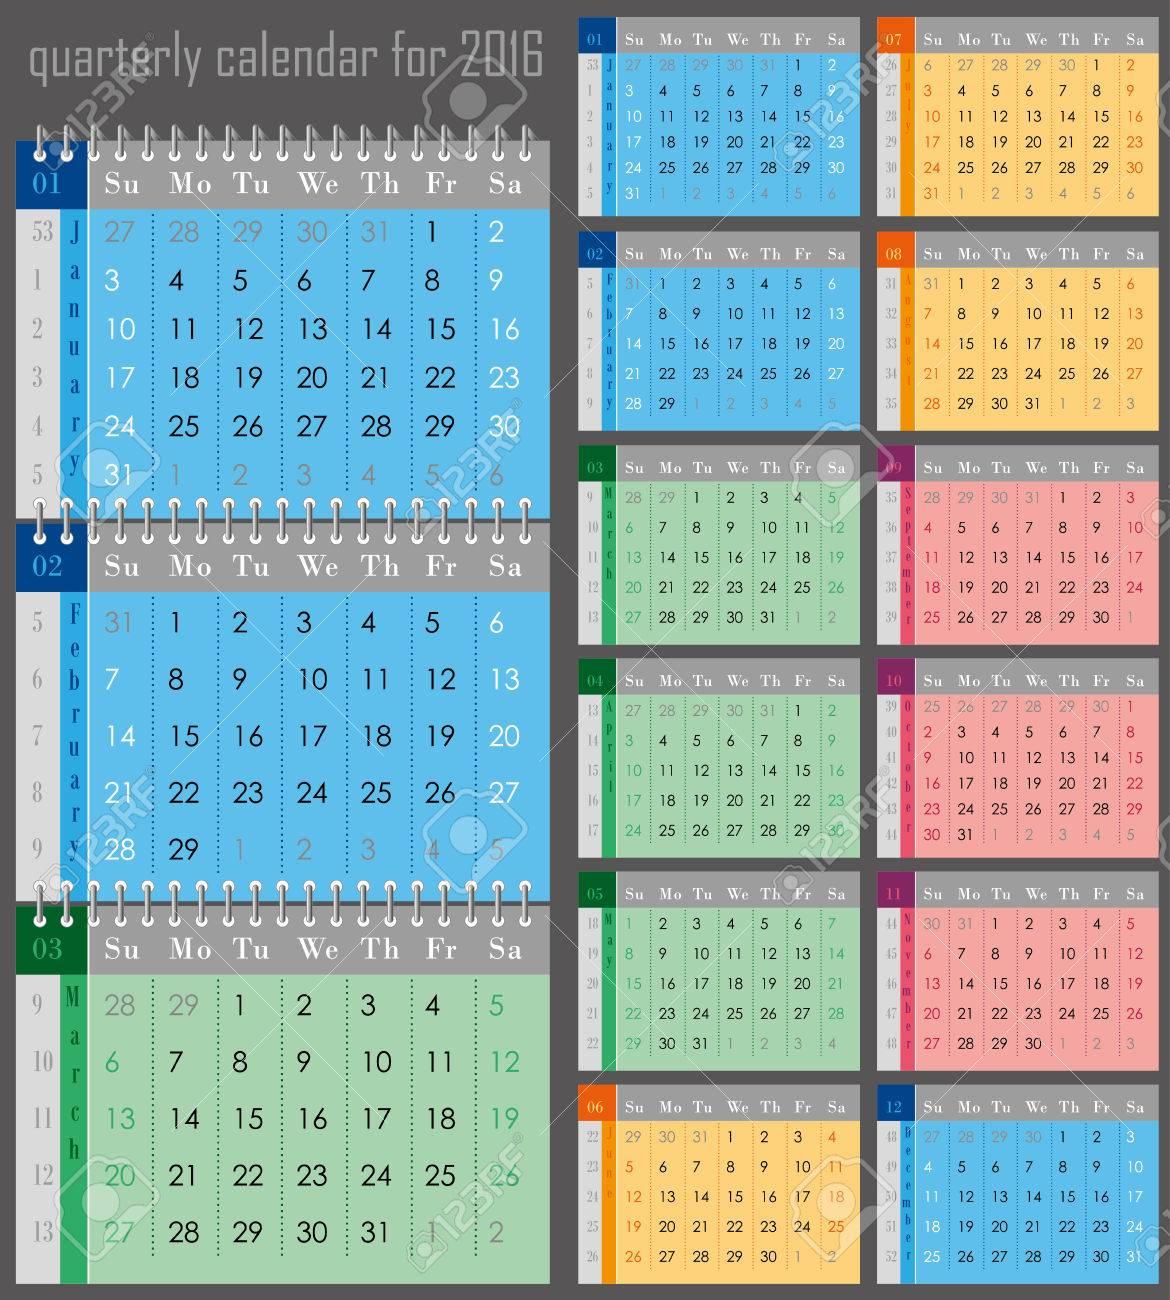 quarterly calendar